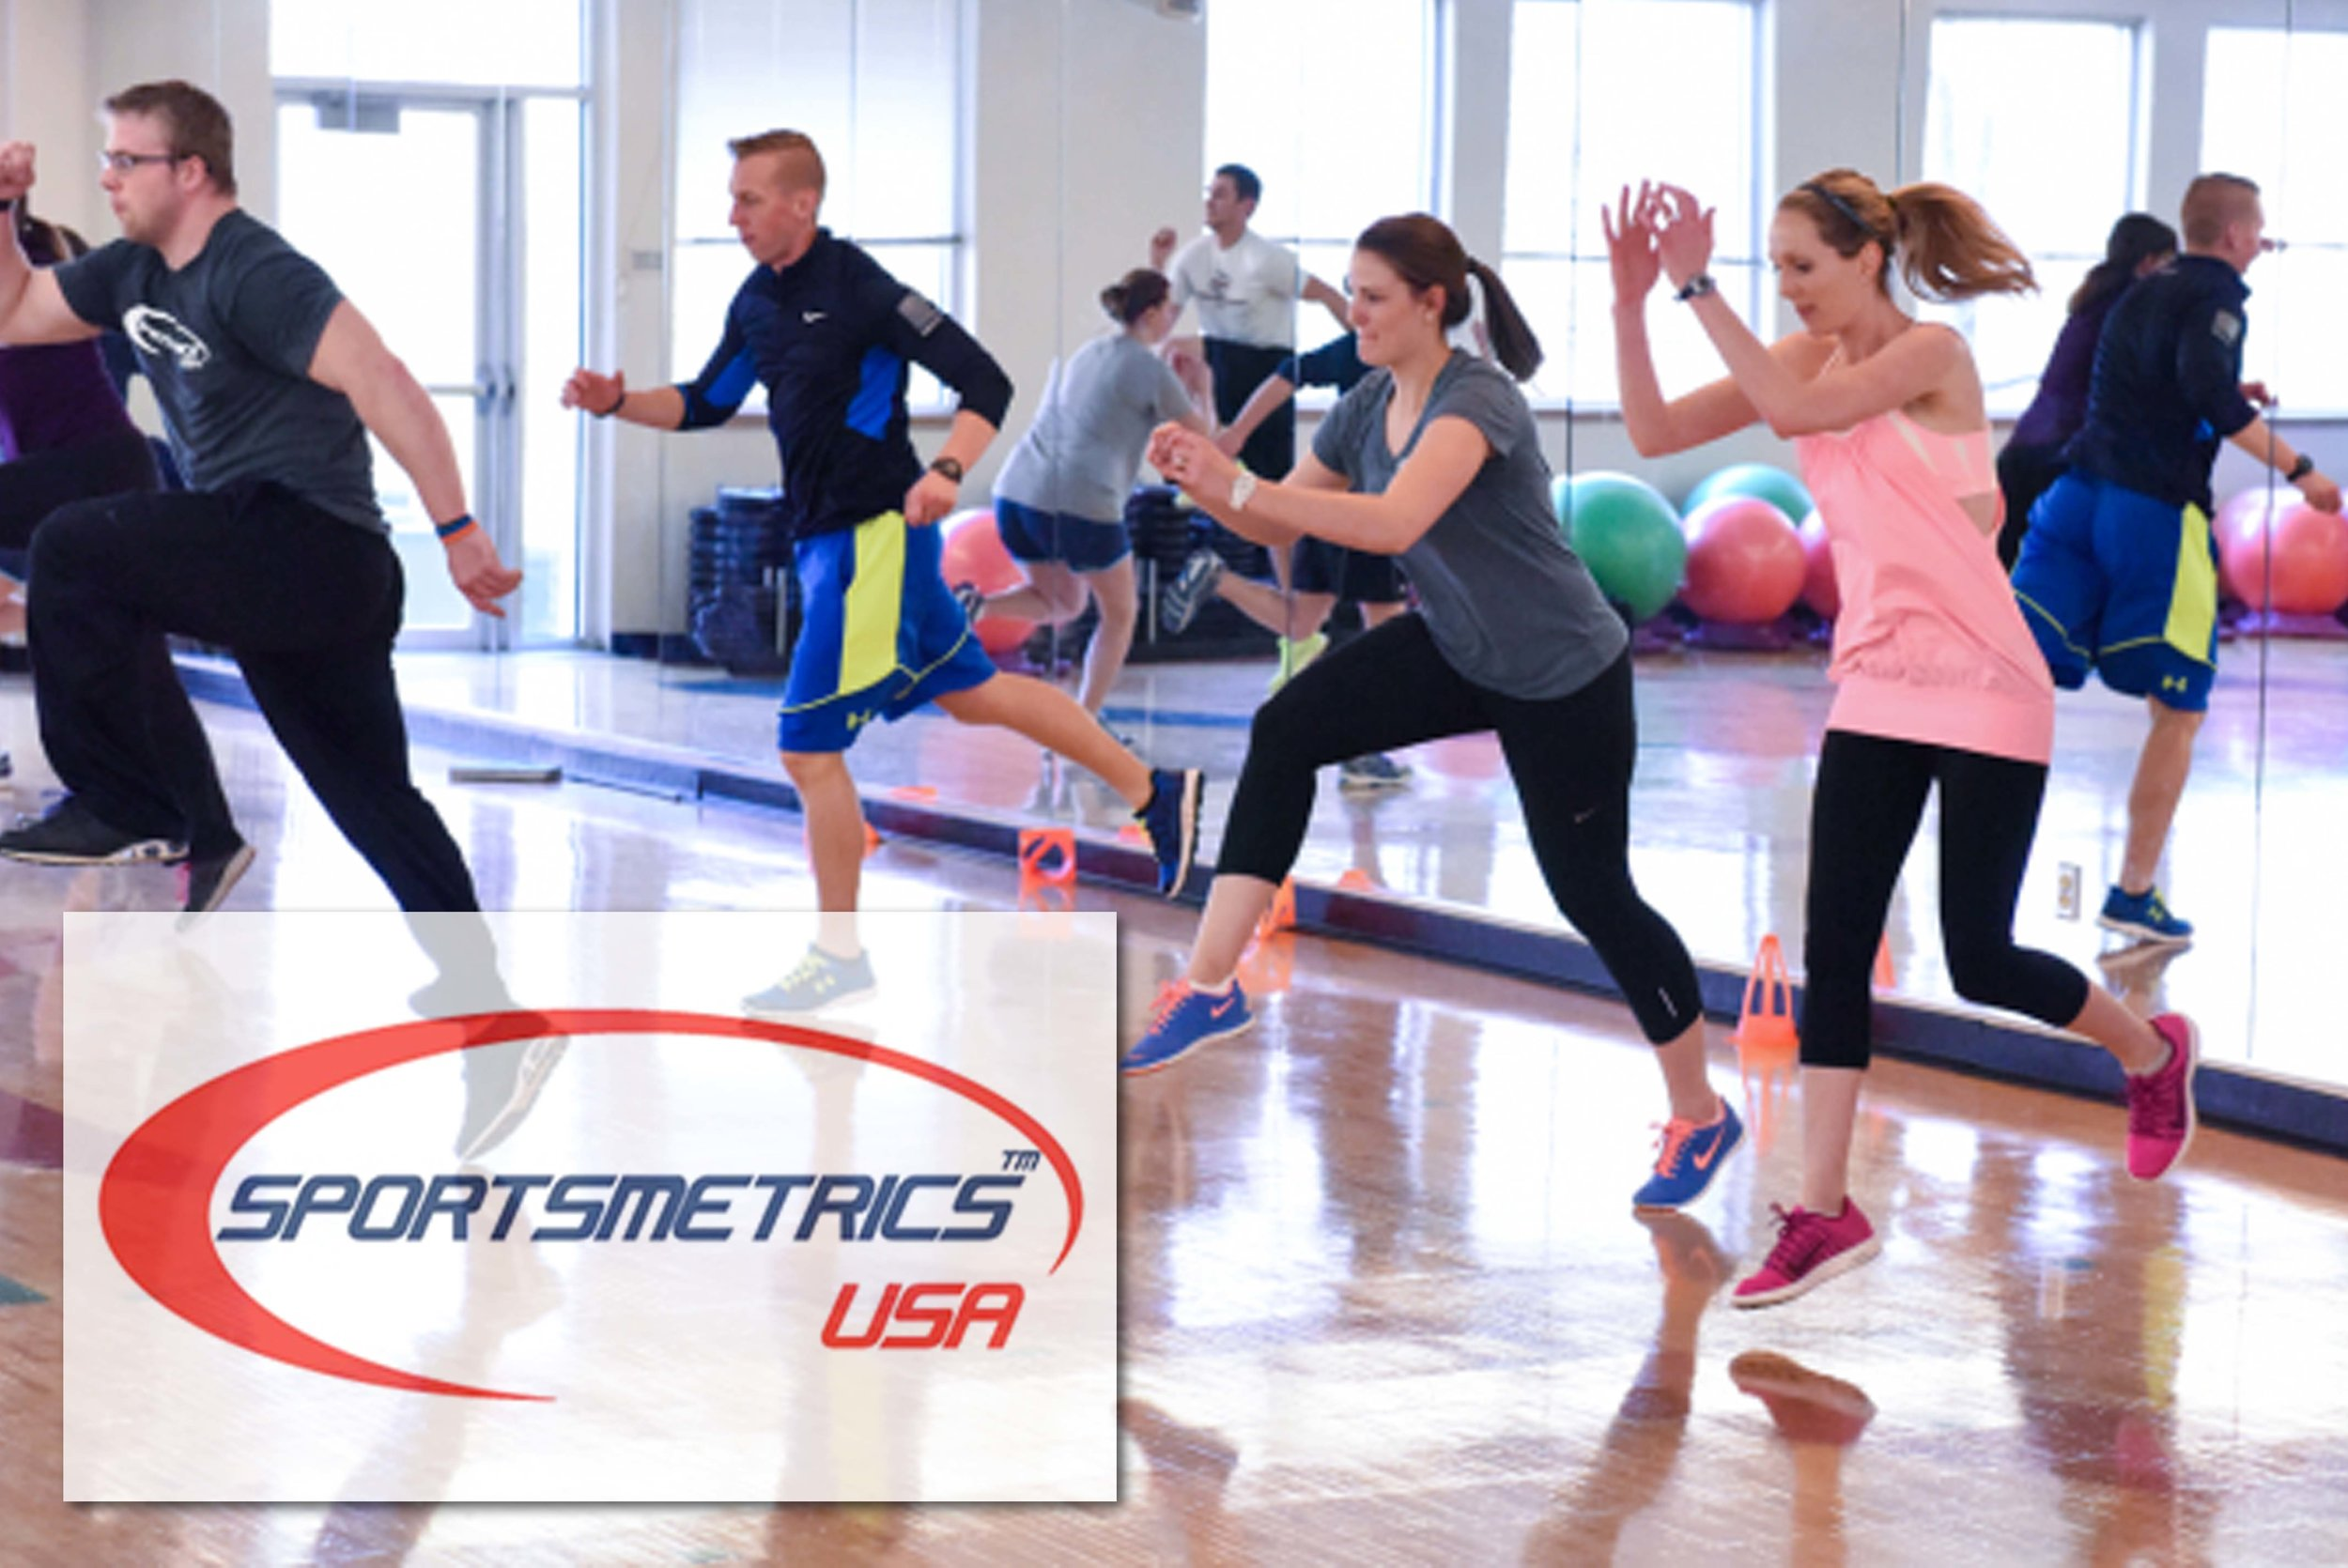 sportsmetric logo1.jpg